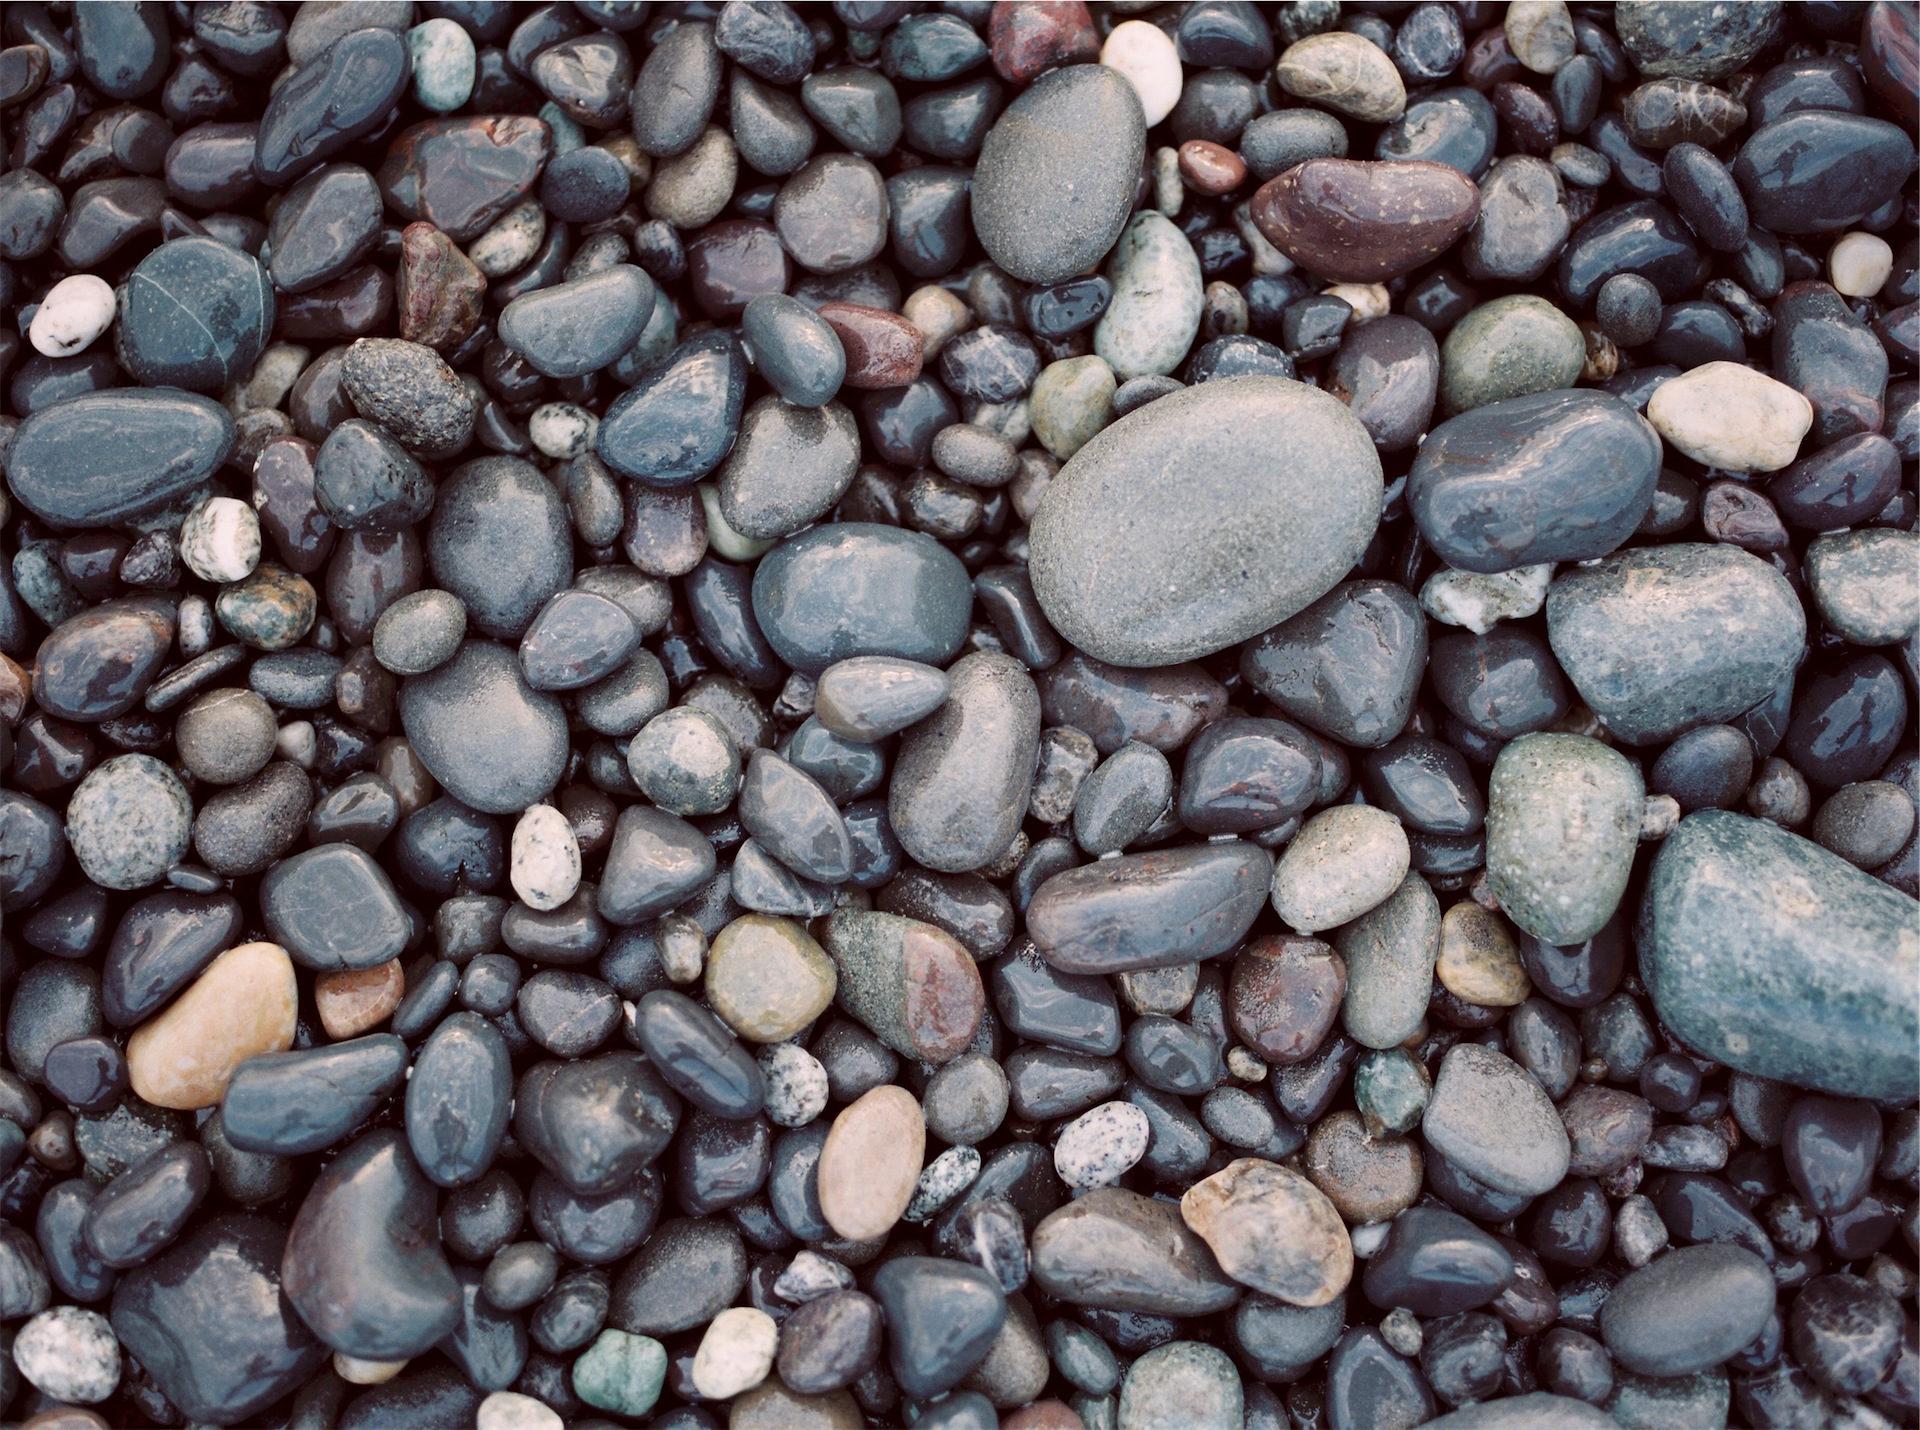 камни, Пляж, воды, хаос, Формы - Обои HD - Профессор falken.com